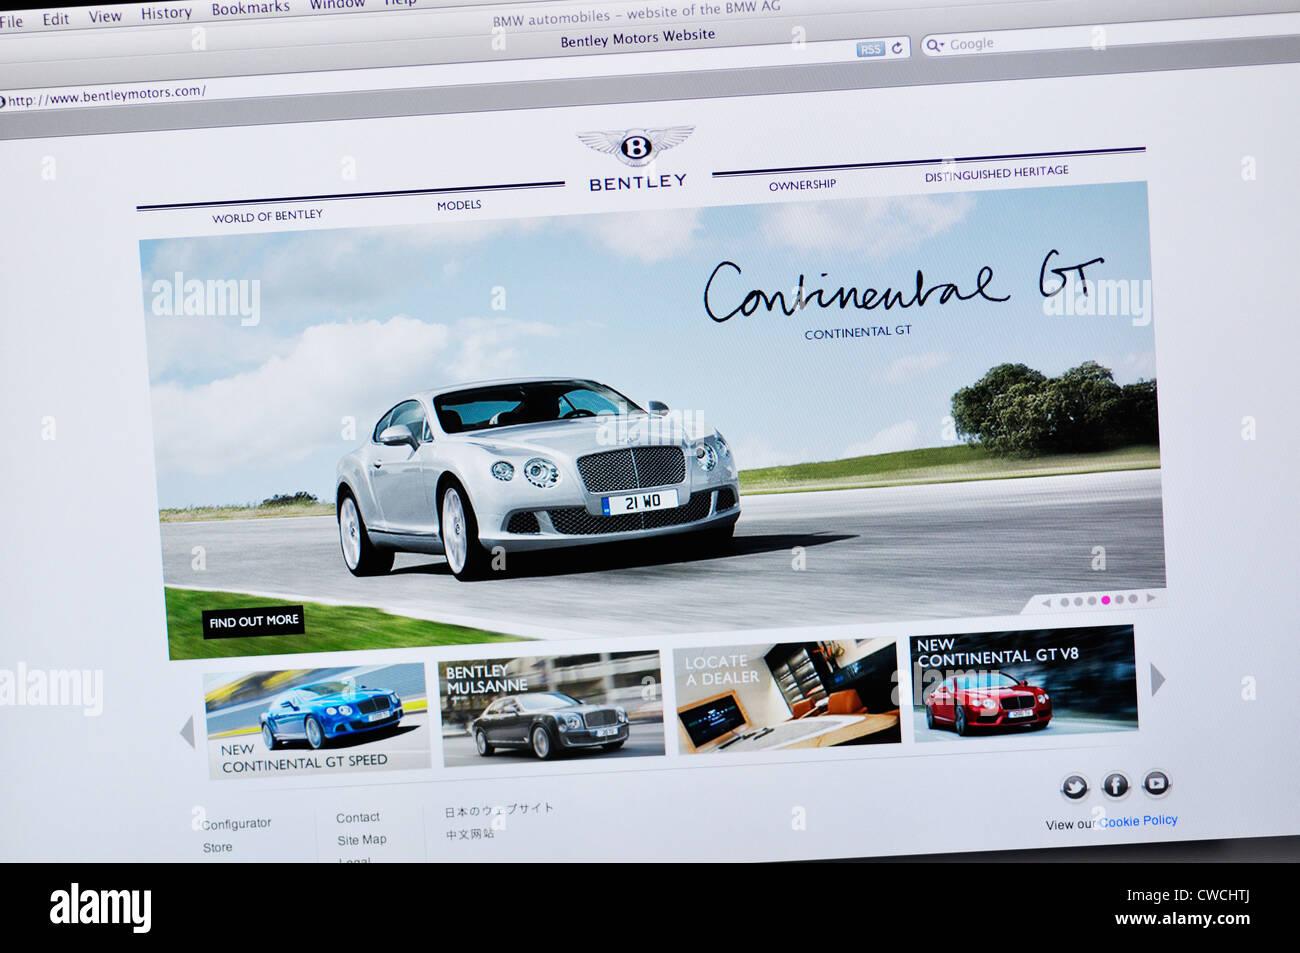 Bentley Motors website - luxury car manufacturer - Stock Image